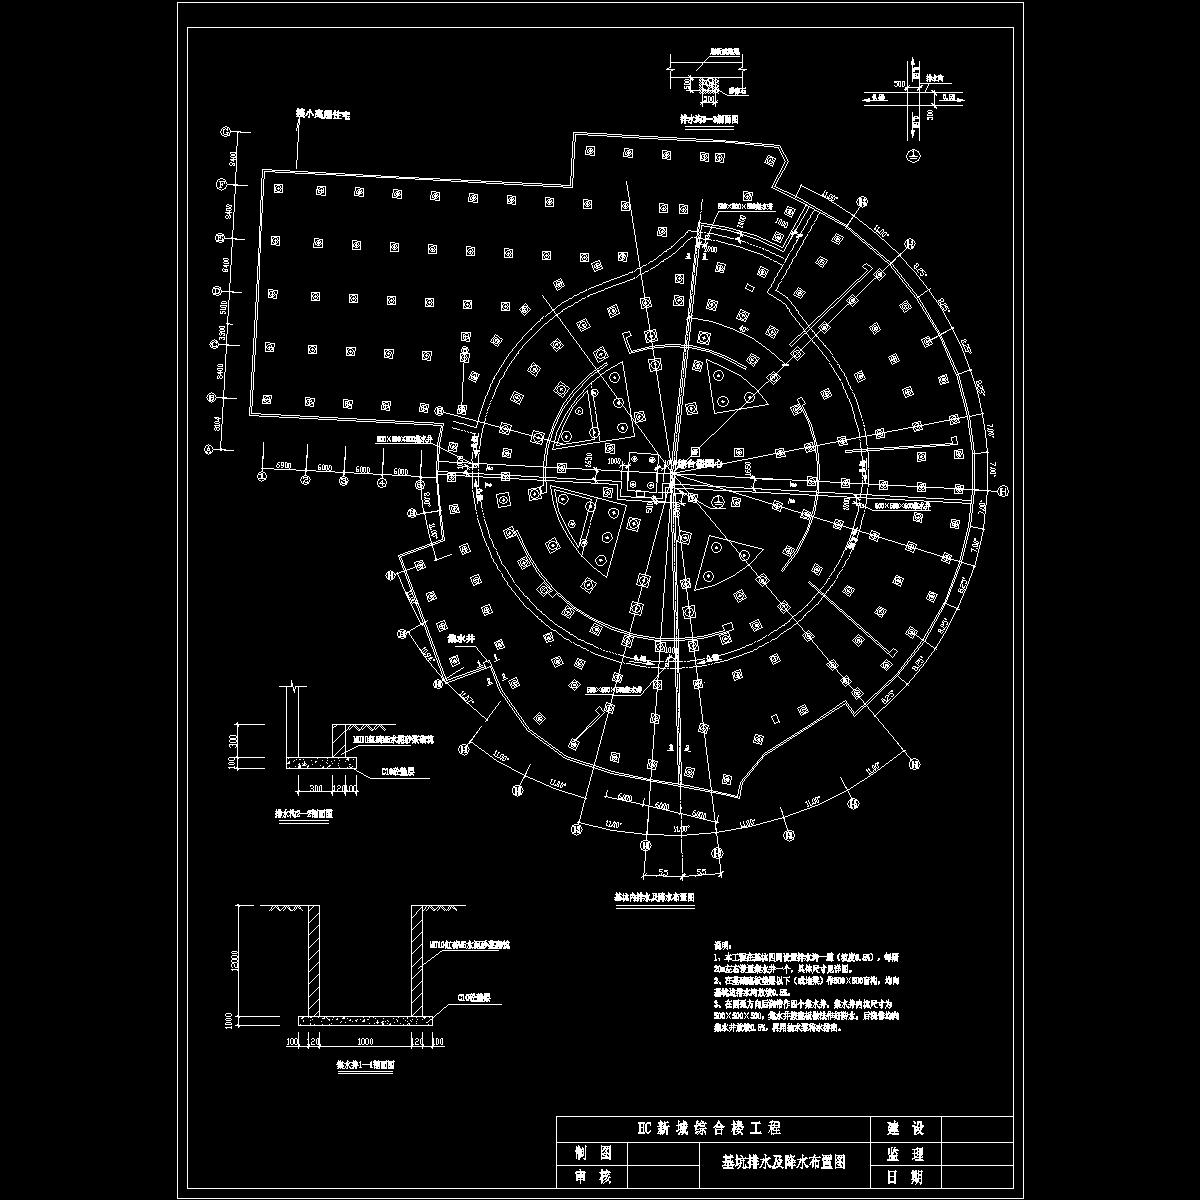 地下室底板排水组织体系详图.dwg